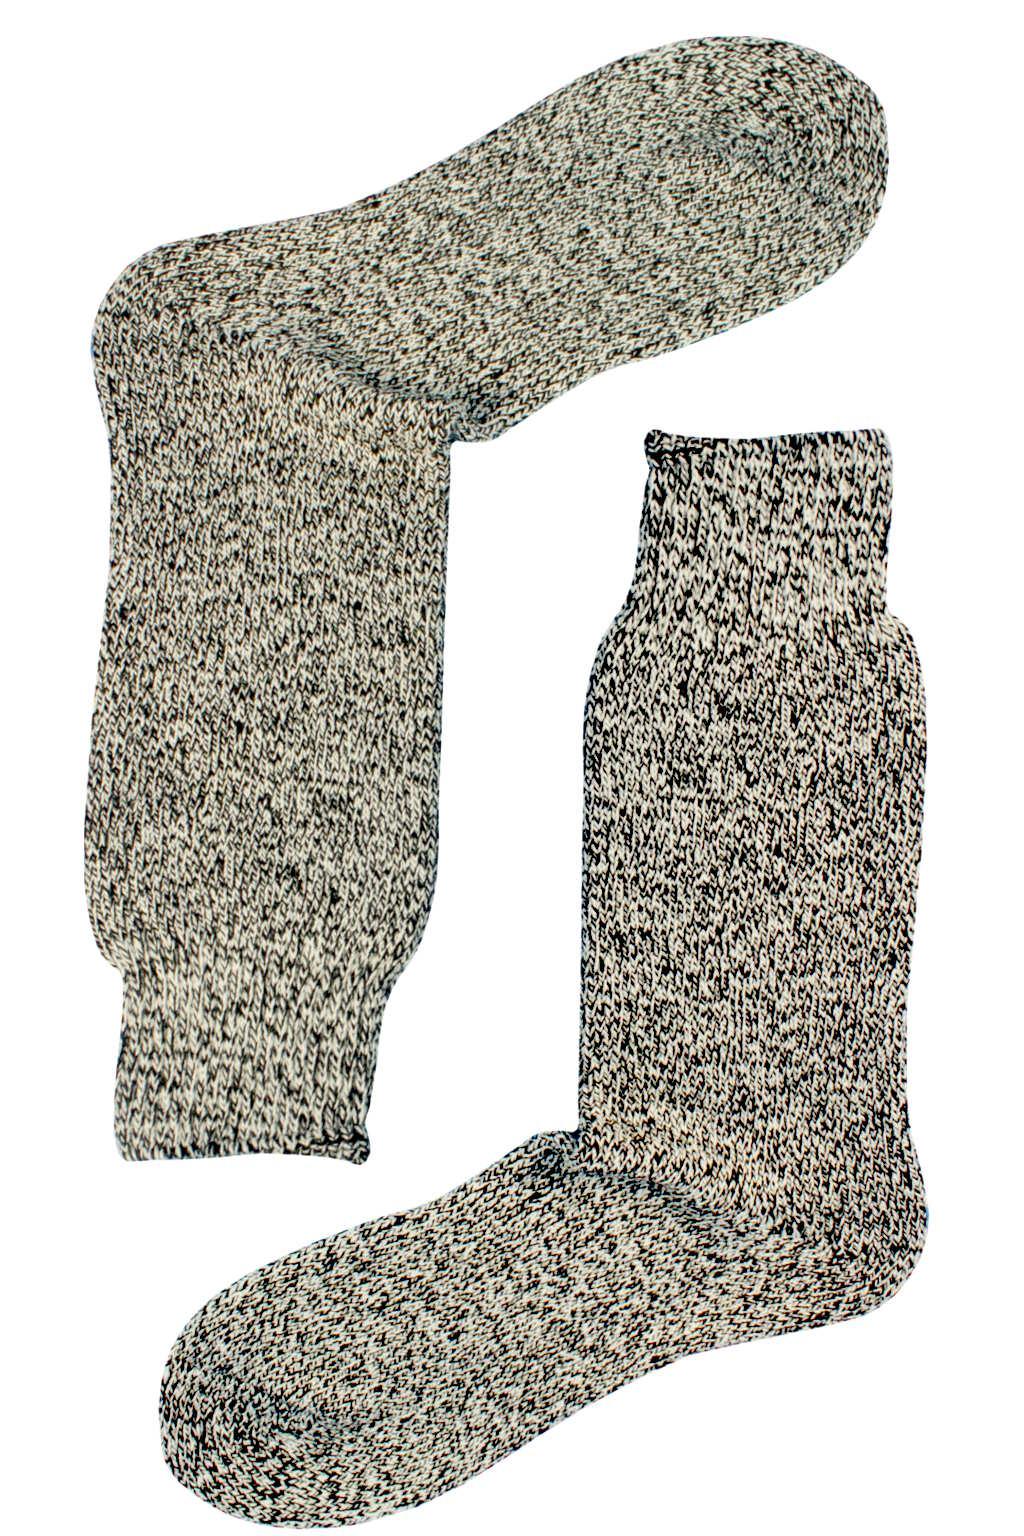 Naturwarm zimní ponožky pletené 43-46 černá